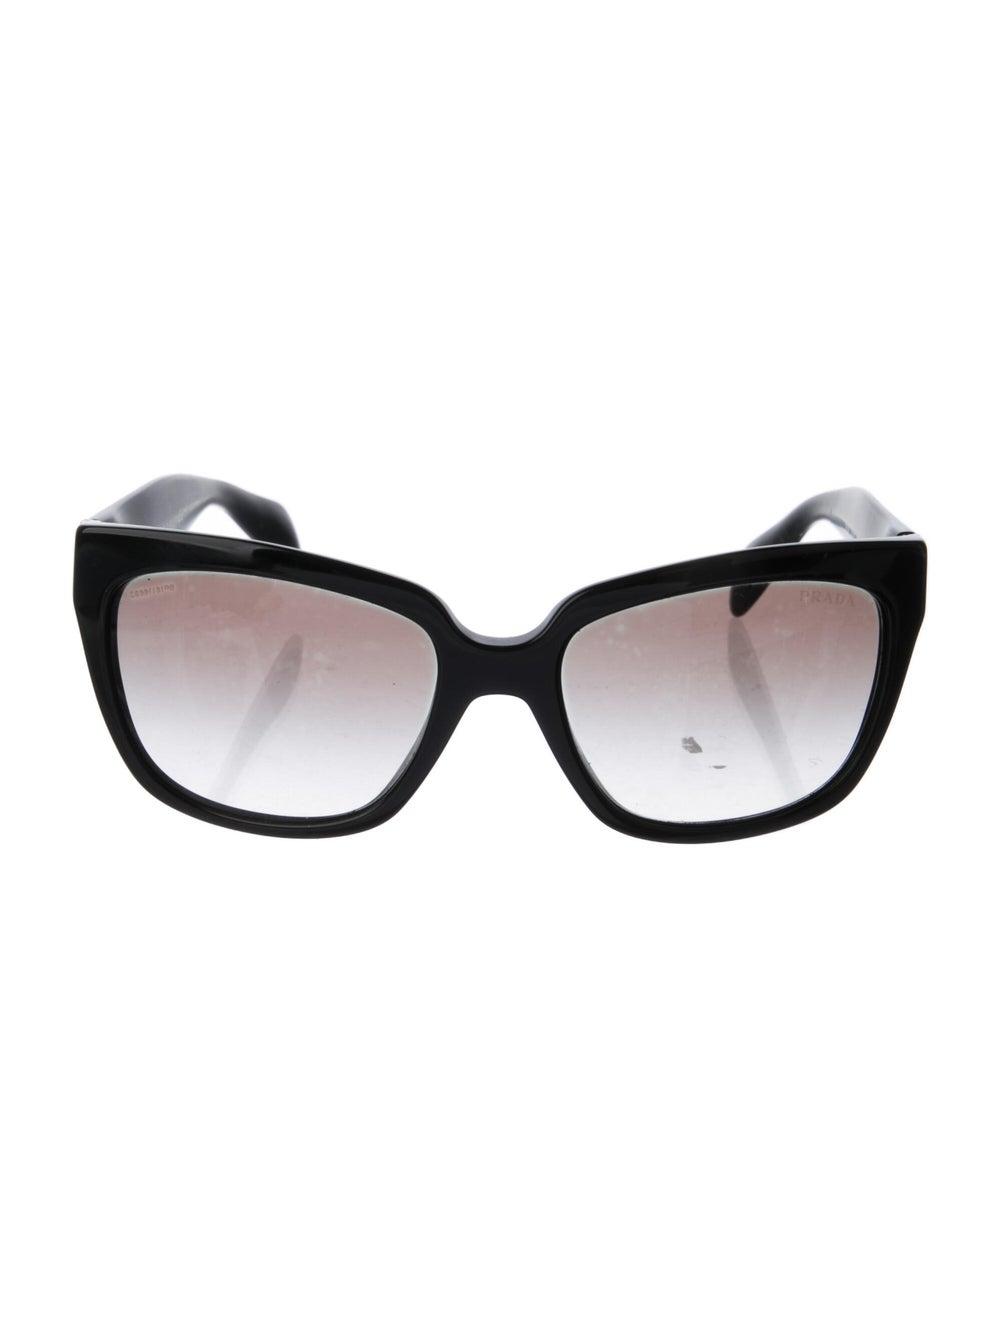 Prada Square Gradient Sunglasses Black - image 1